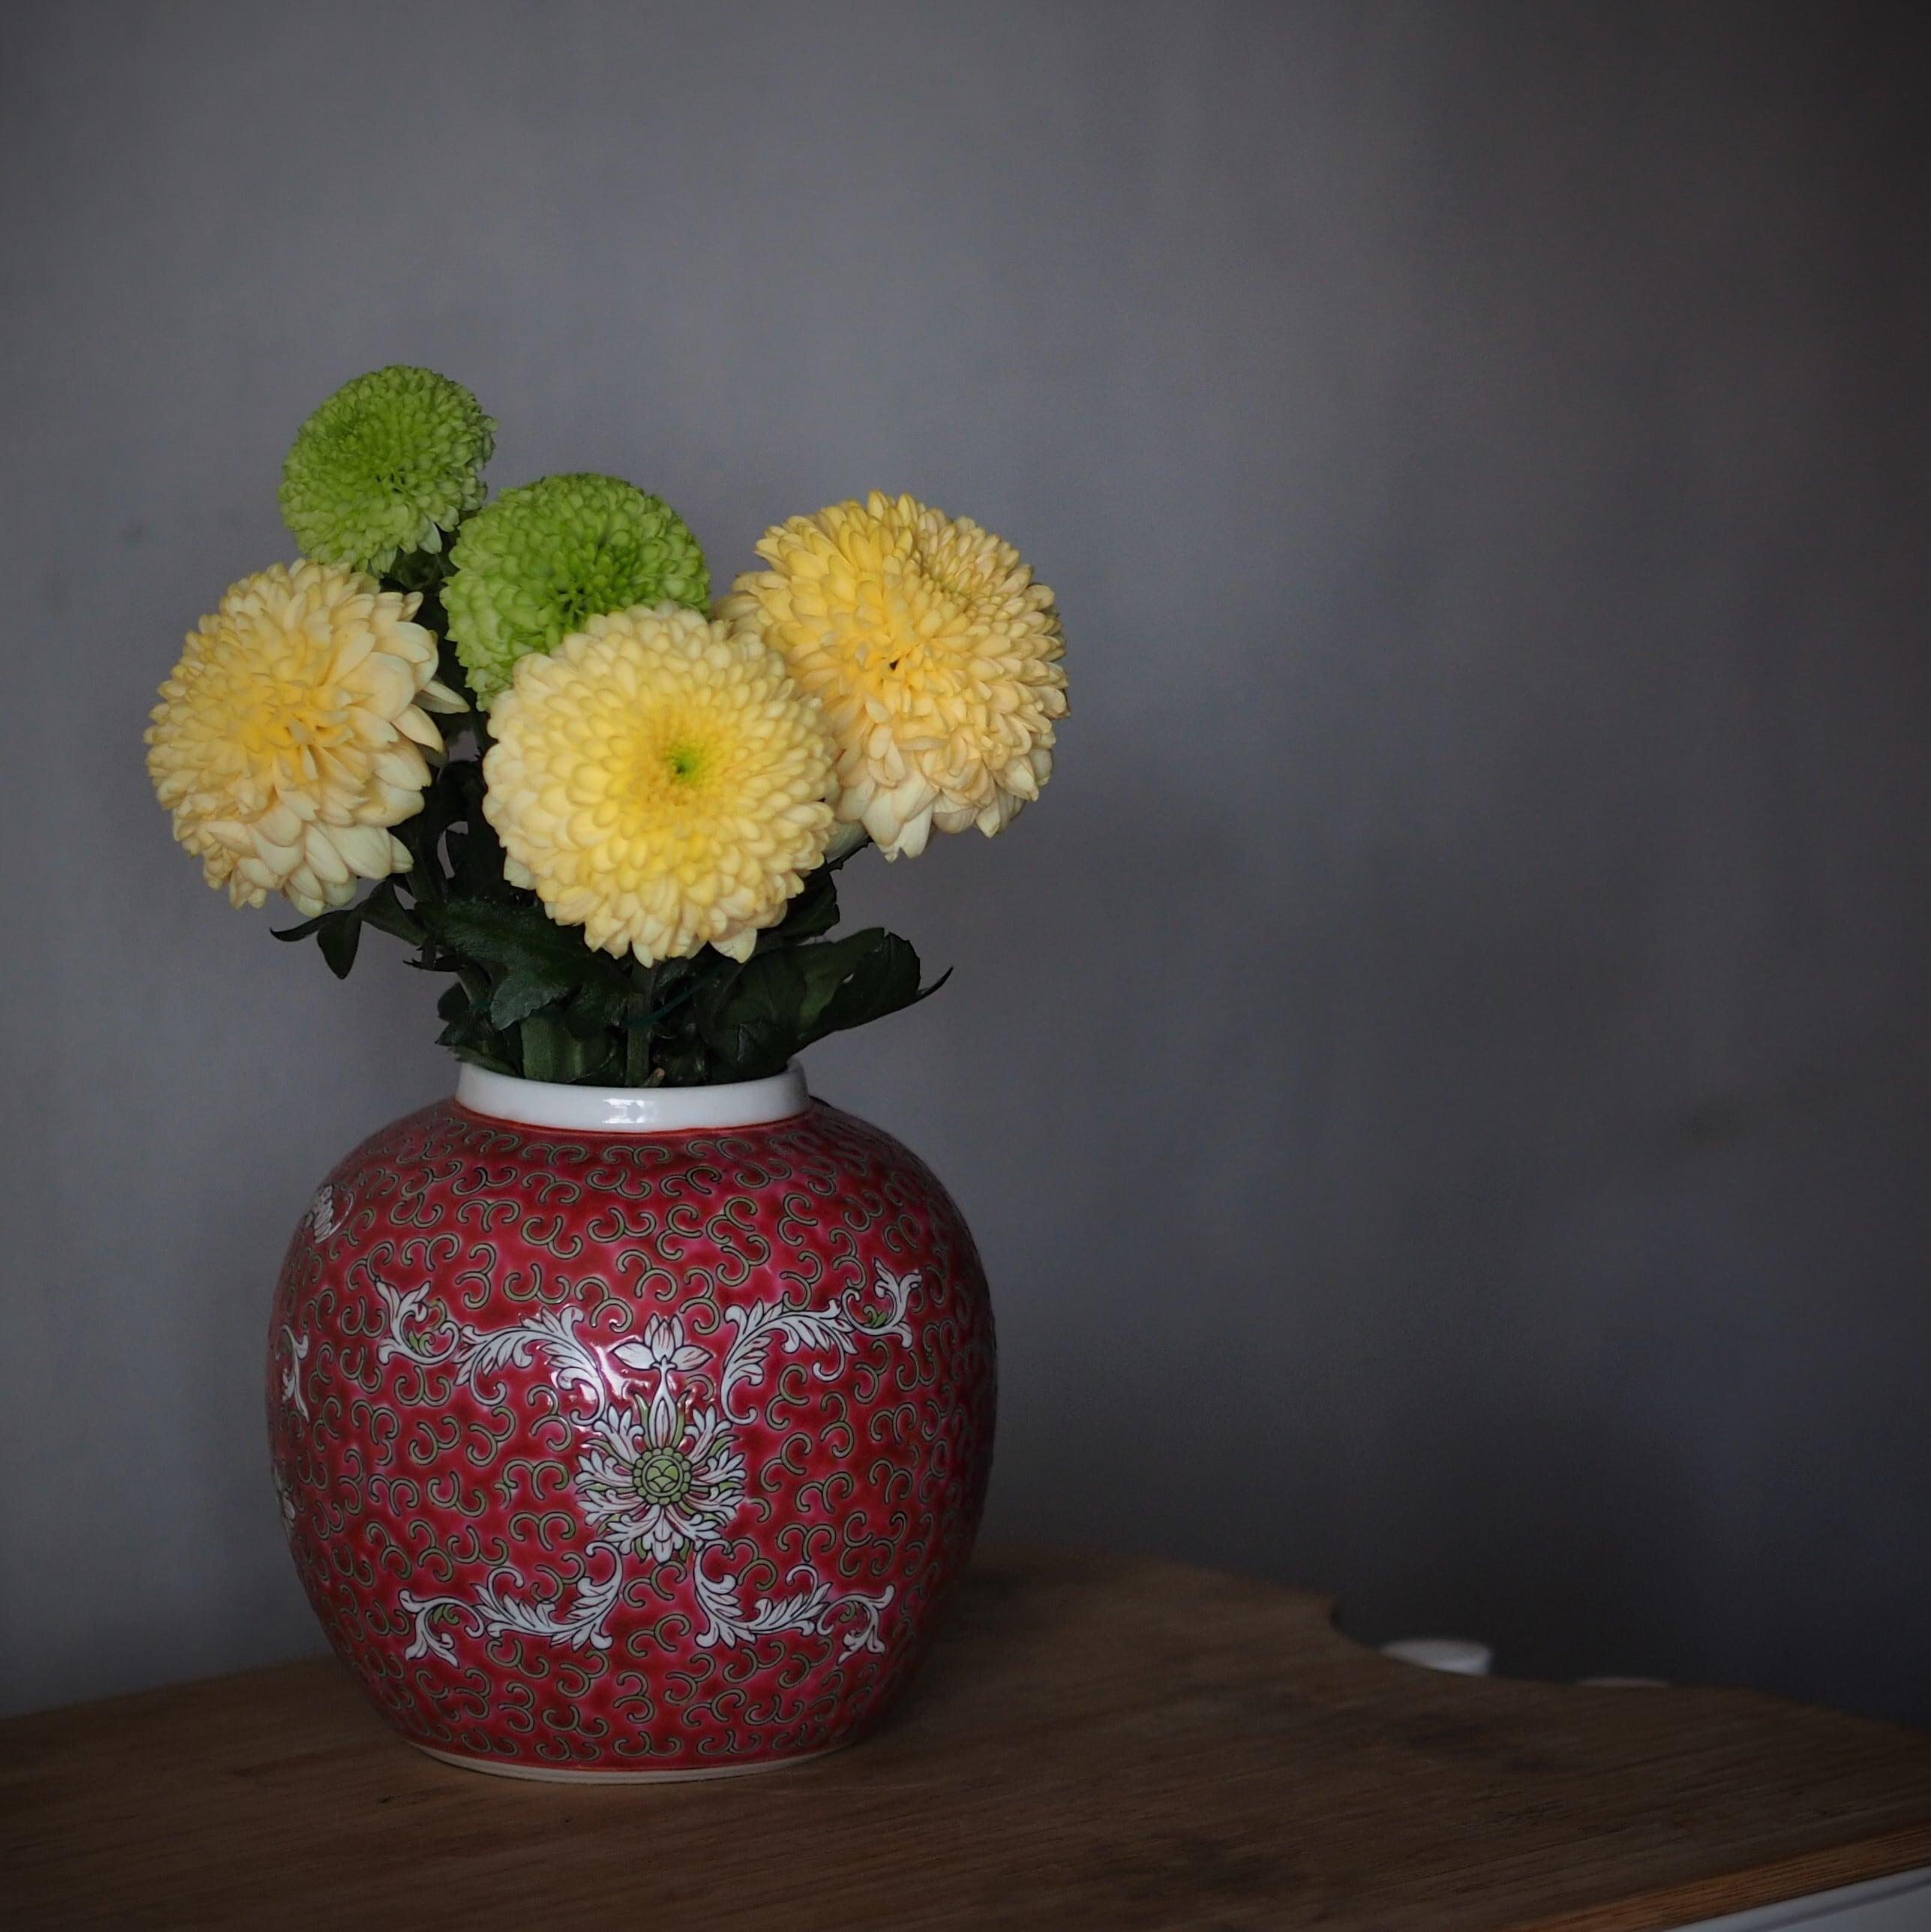 『朱赤のジンジャージャー/―2種―』シノワズリ/景徳鎮